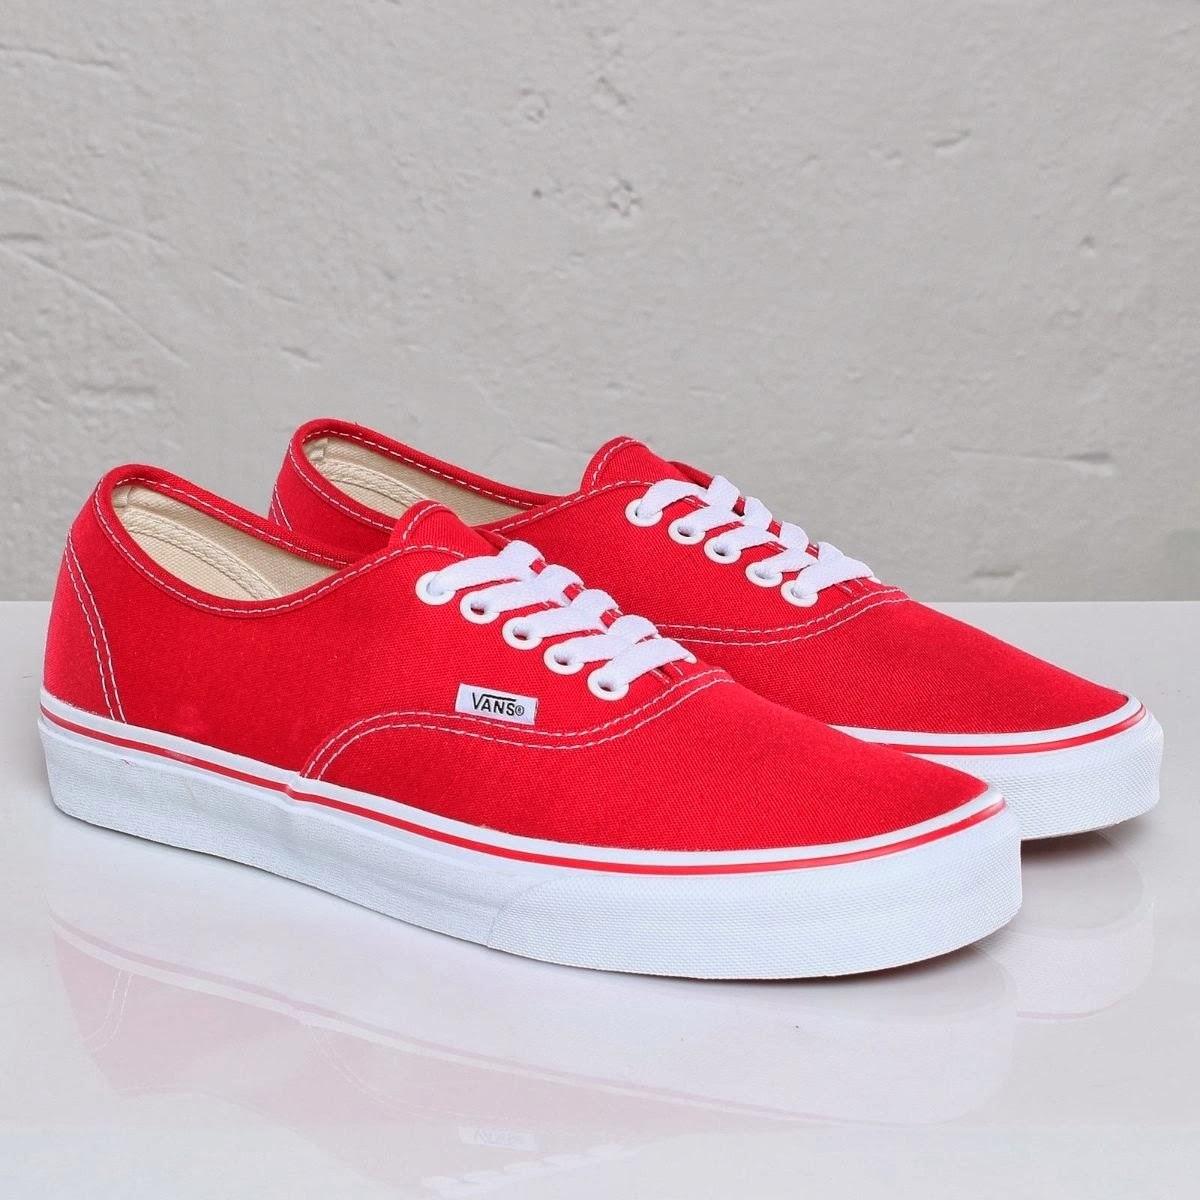 Vans Shoes Au